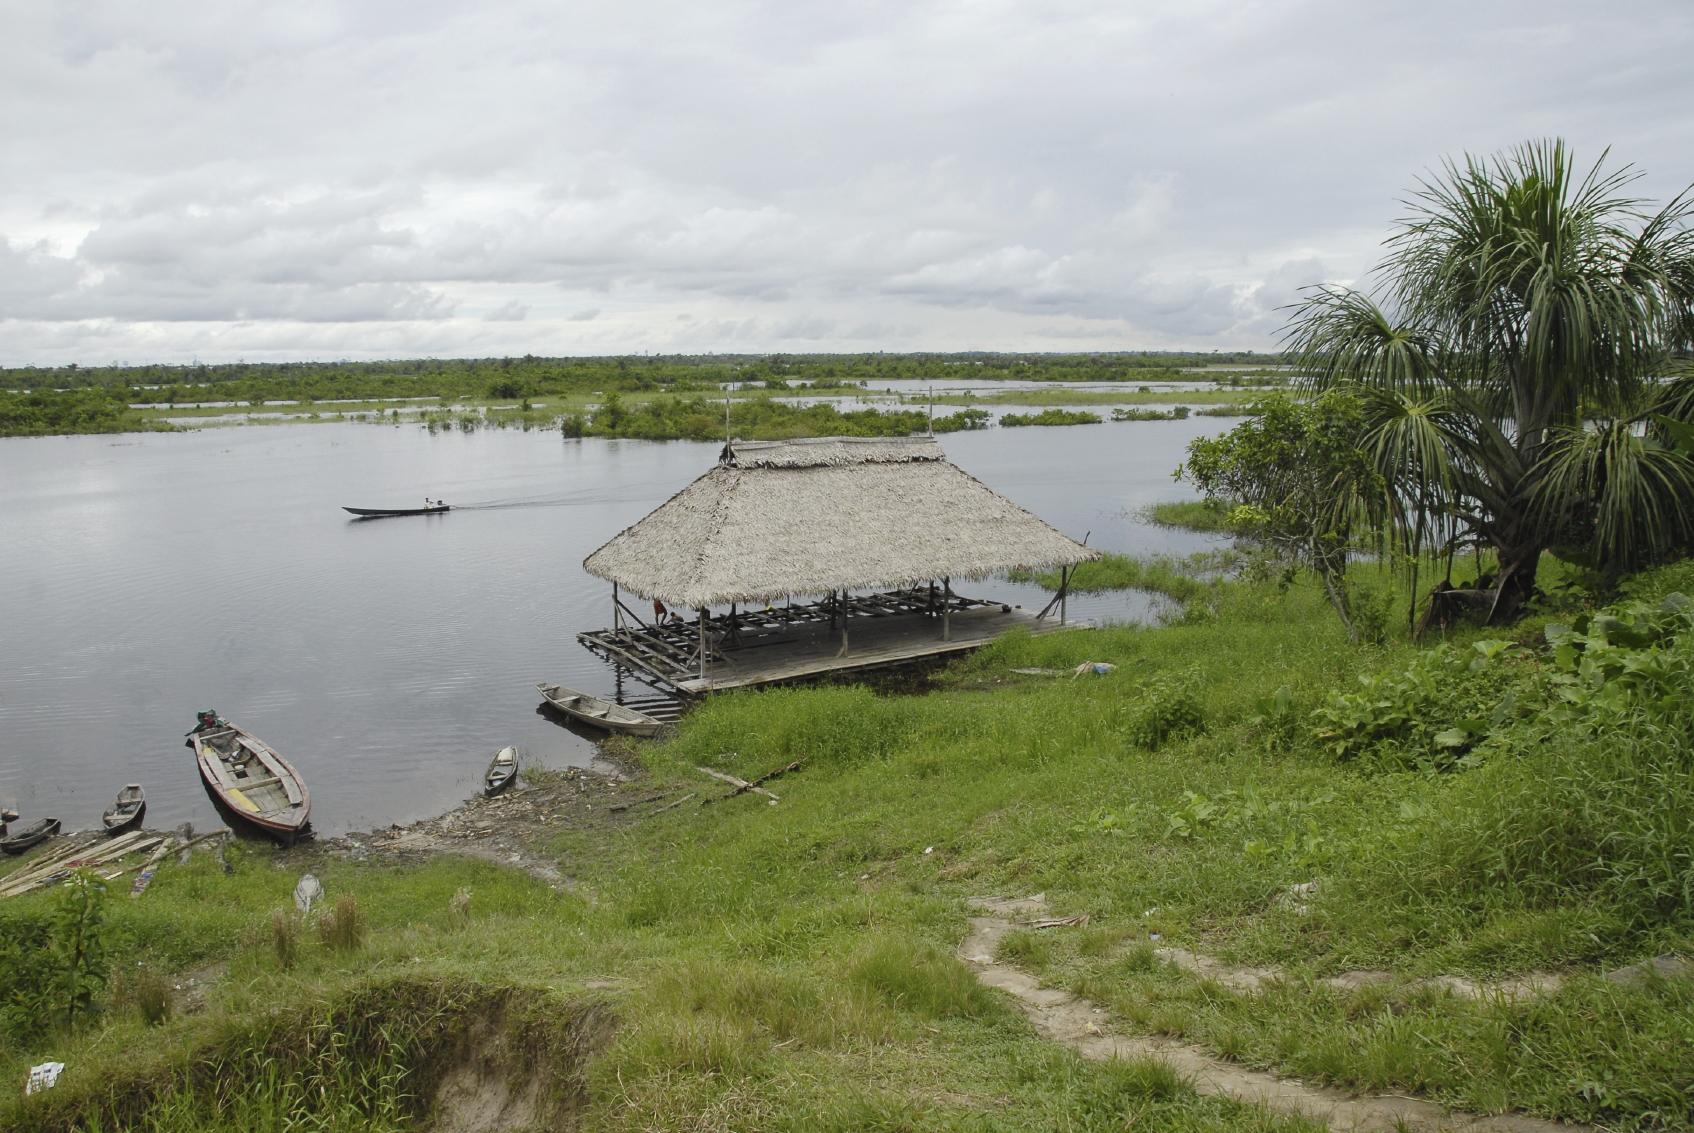 Proyectos productivos serán vitales en el Amazonas